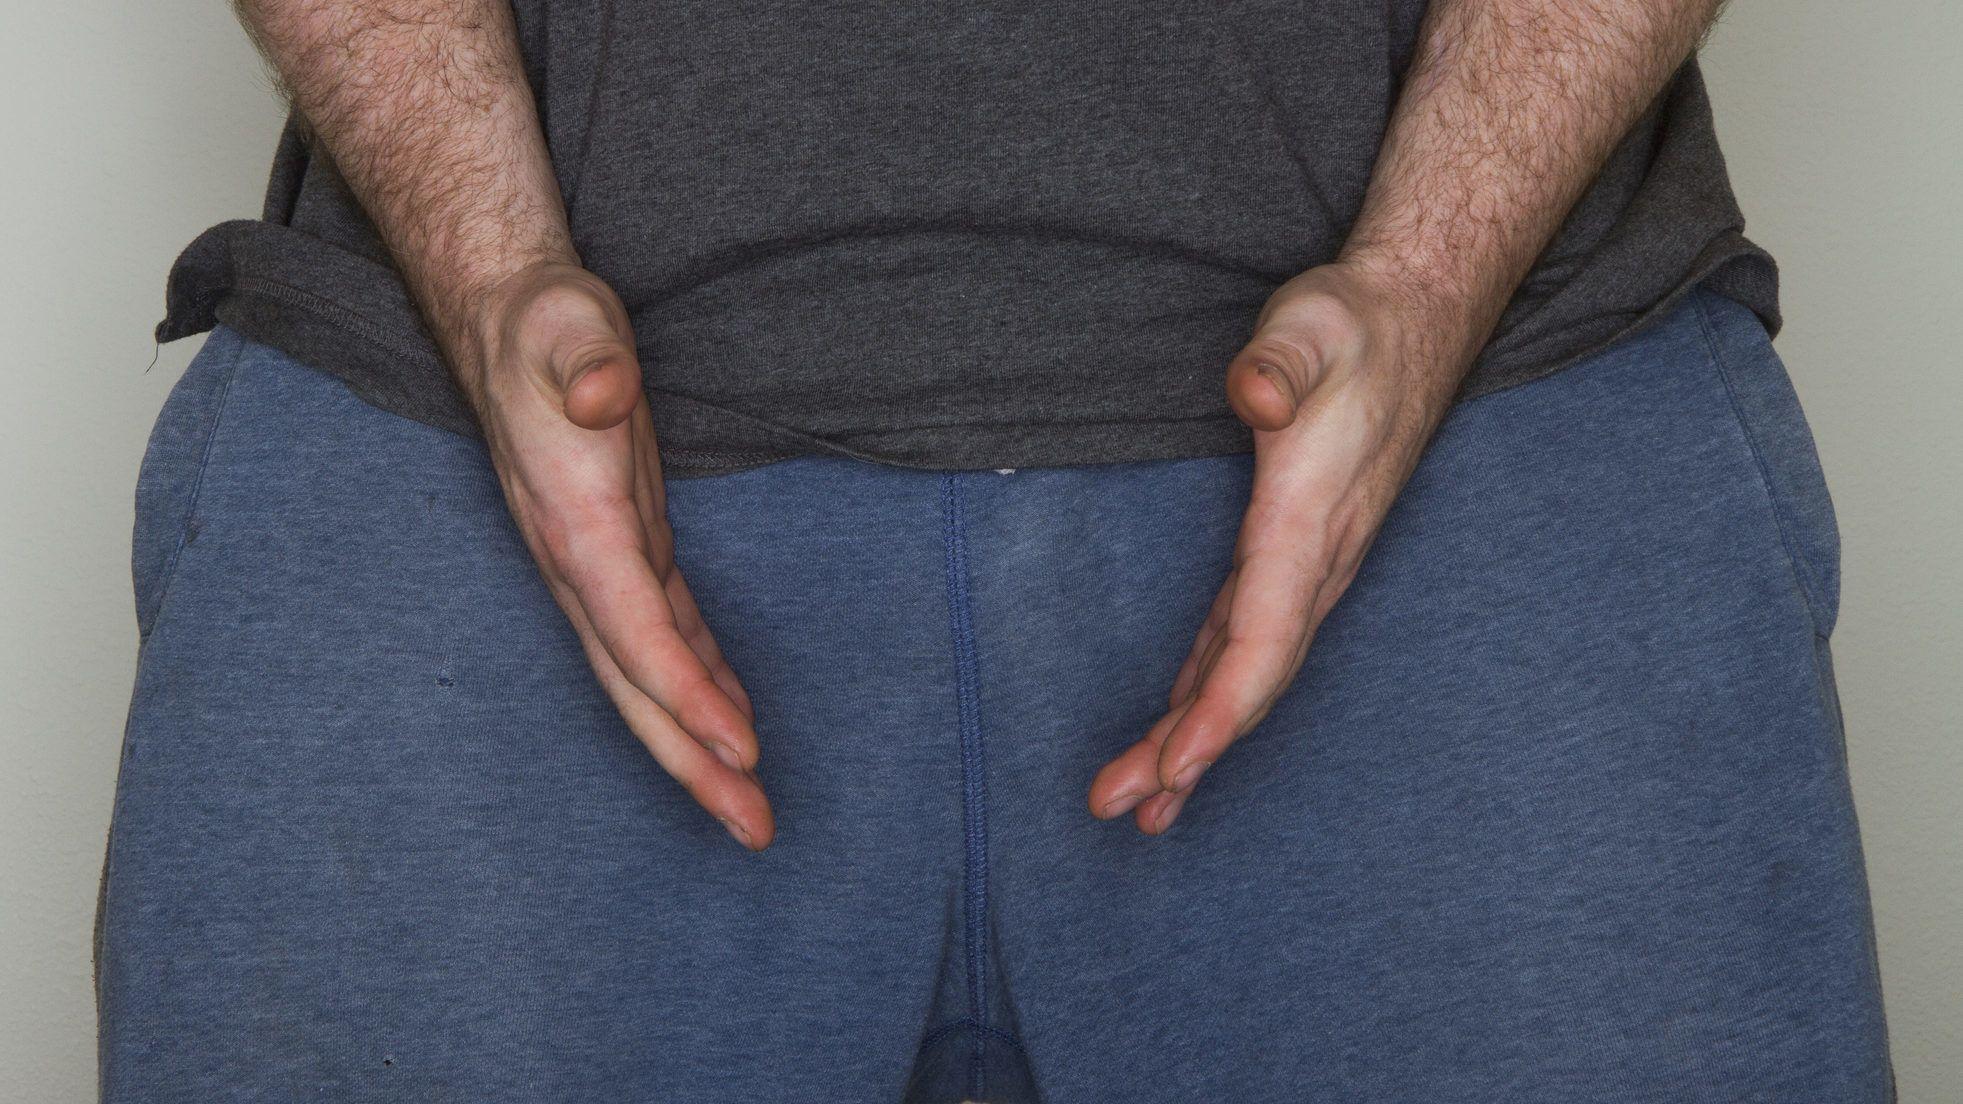 Van-e összefüggés a láb és a pénisz mérete között?